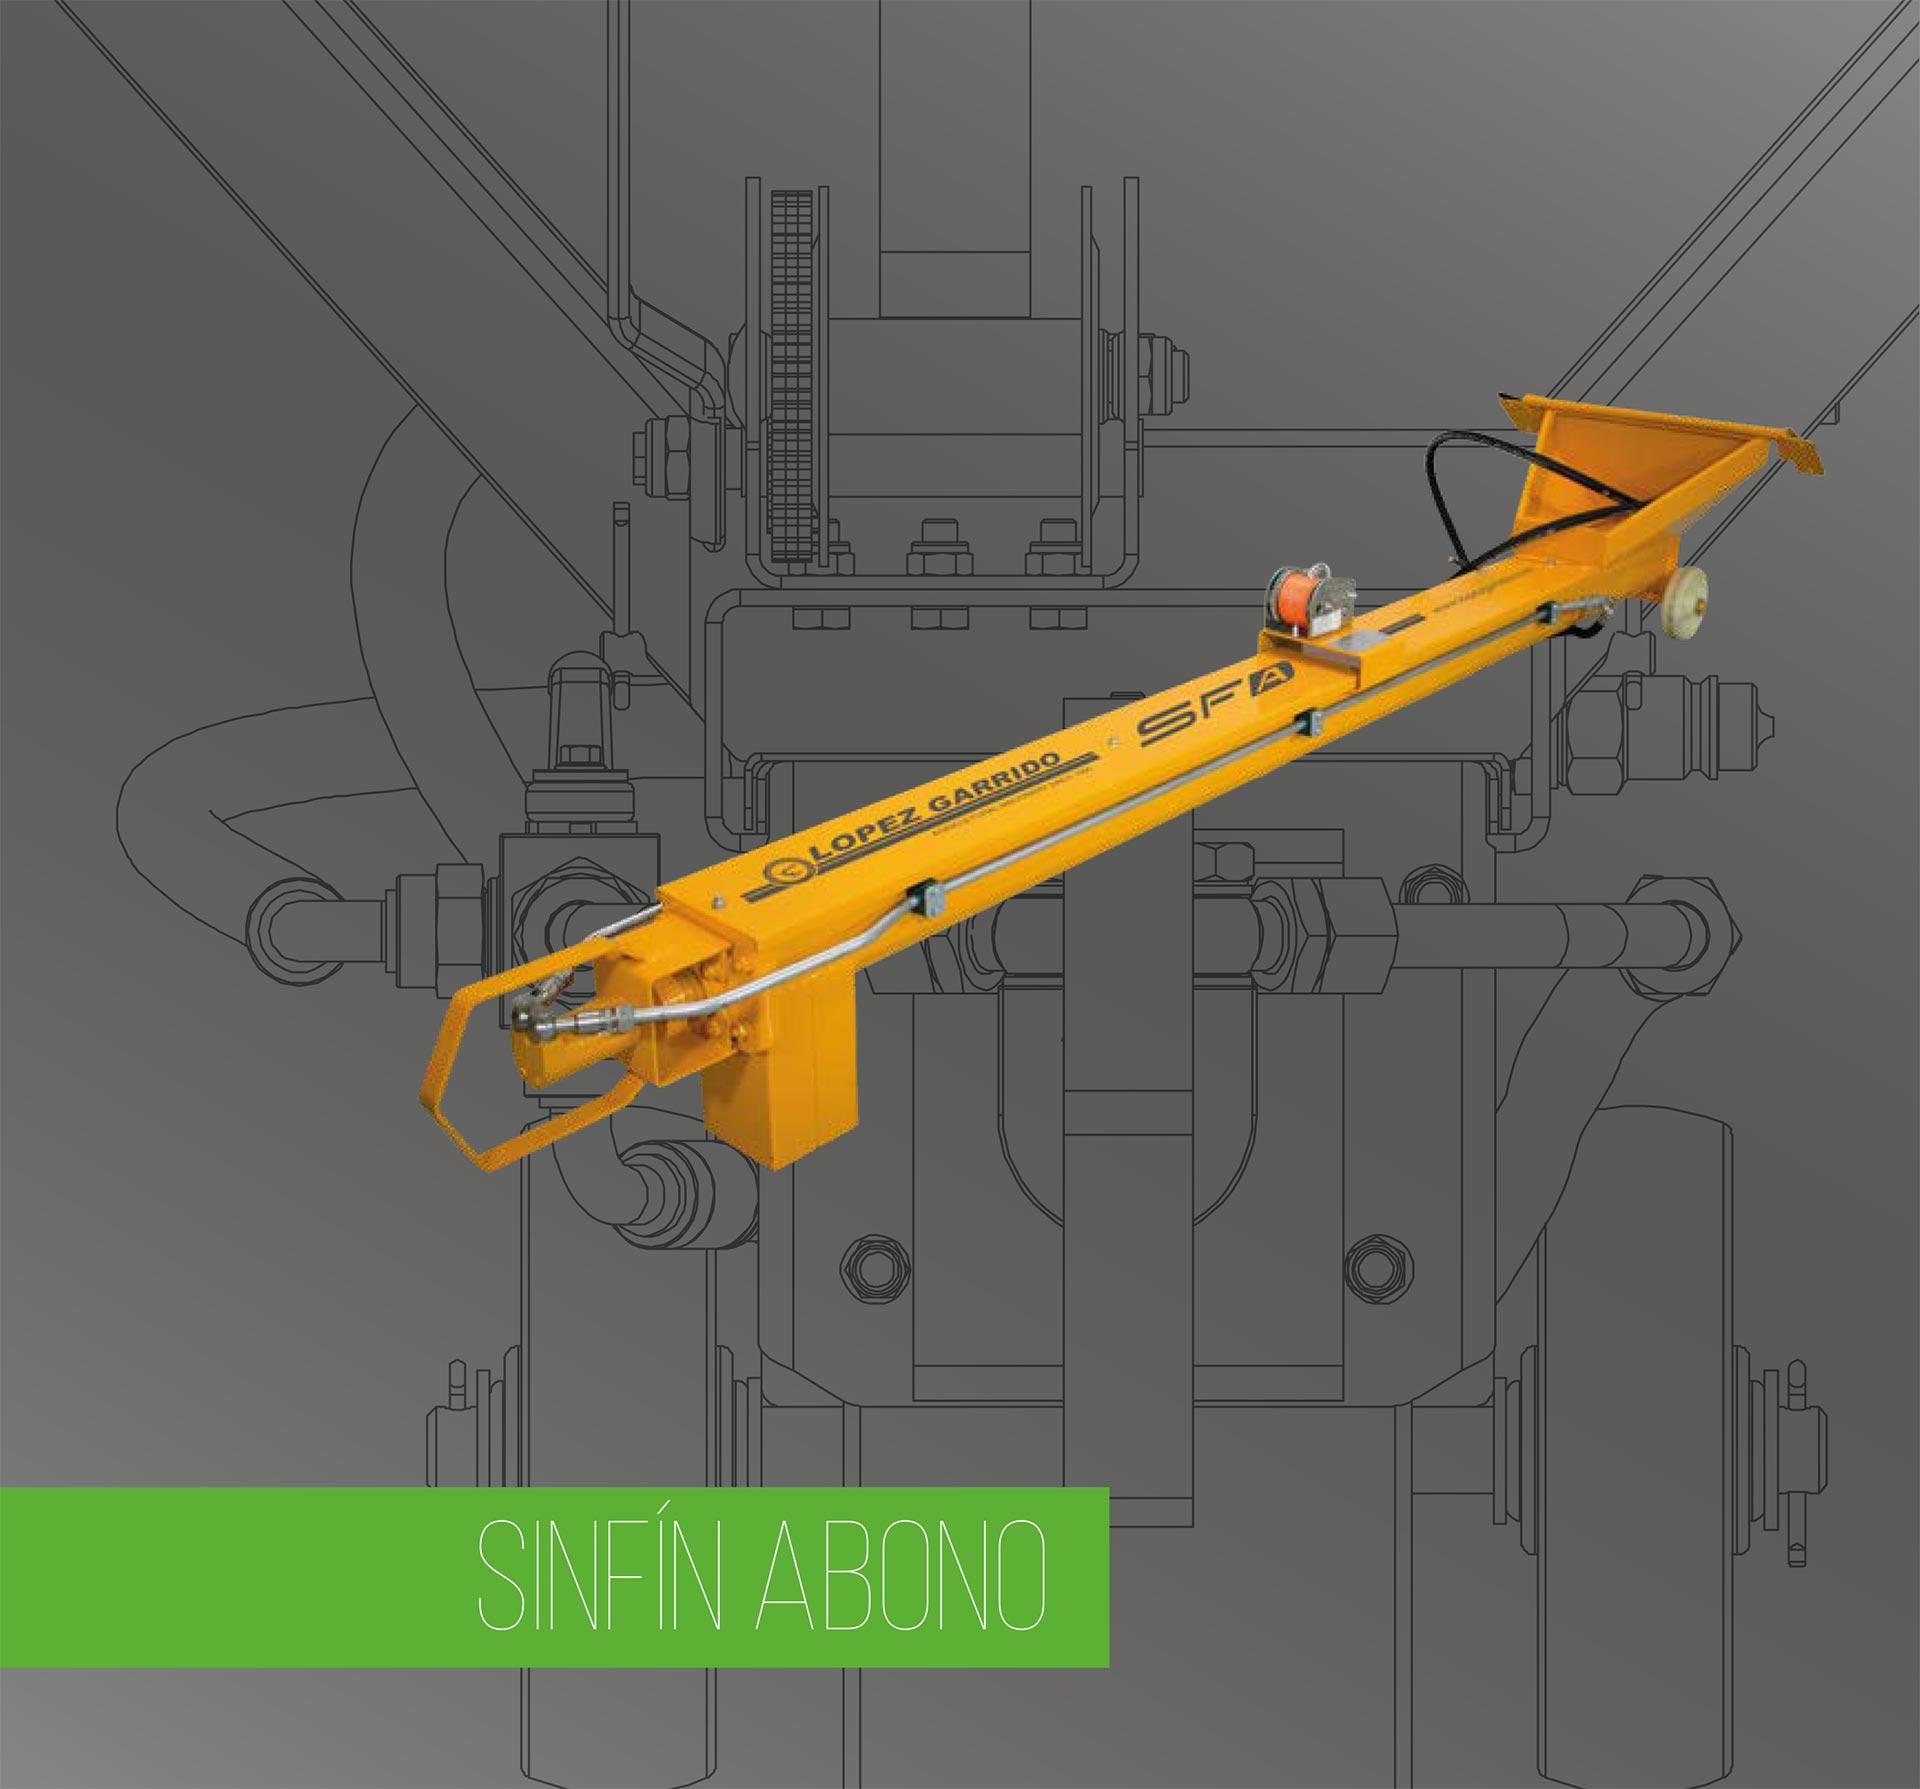 Sinfin para tractor López Garrido